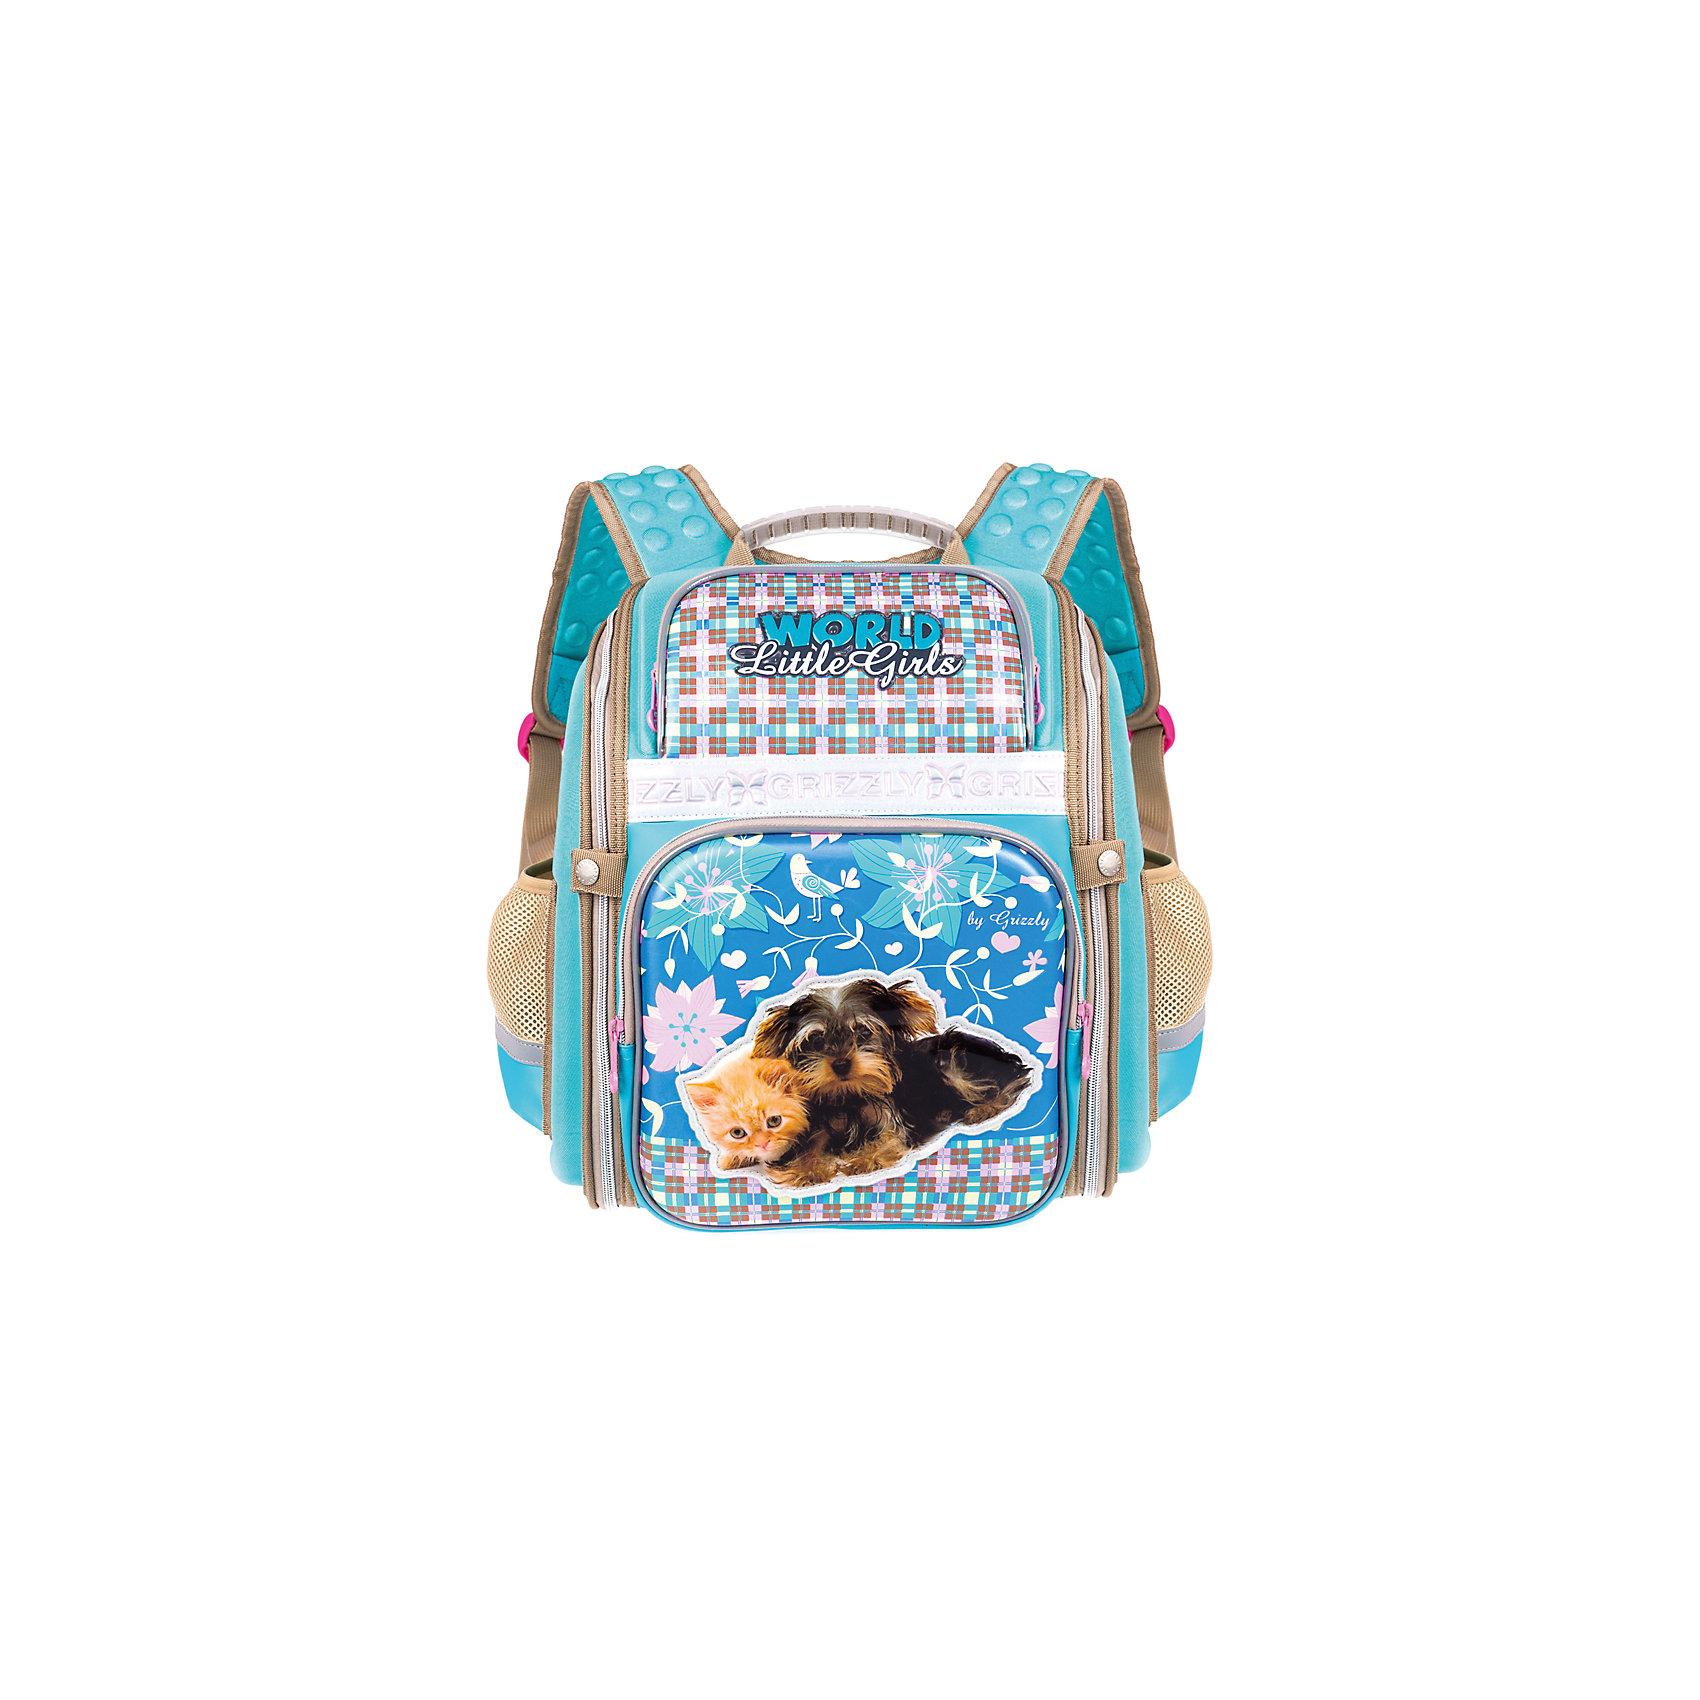 Ранец Grizzly без наполнения, голубойРанцы<br>Рюкзак школьный, одно отделение, два объемных кармана на молнии на передней стенке, боковые карманы из сетки, внутренний карман-пенал для карандашей, внутренний составной пенал-органайзер, жесткая анатомическая спинка, дополнительная ручка-петля, укрепленные лямки, брелок-игрушка, светоотражающие элементы с четырех сторон<br><br>Ширина мм: 300<br>Глубина мм: 160<br>Высота мм: 370<br>Вес г: 843<br>Возраст от месяцев: 72<br>Возраст до месяцев: 2147483647<br>Пол: Женский<br>Возраст: Детский<br>SKU: 6939825